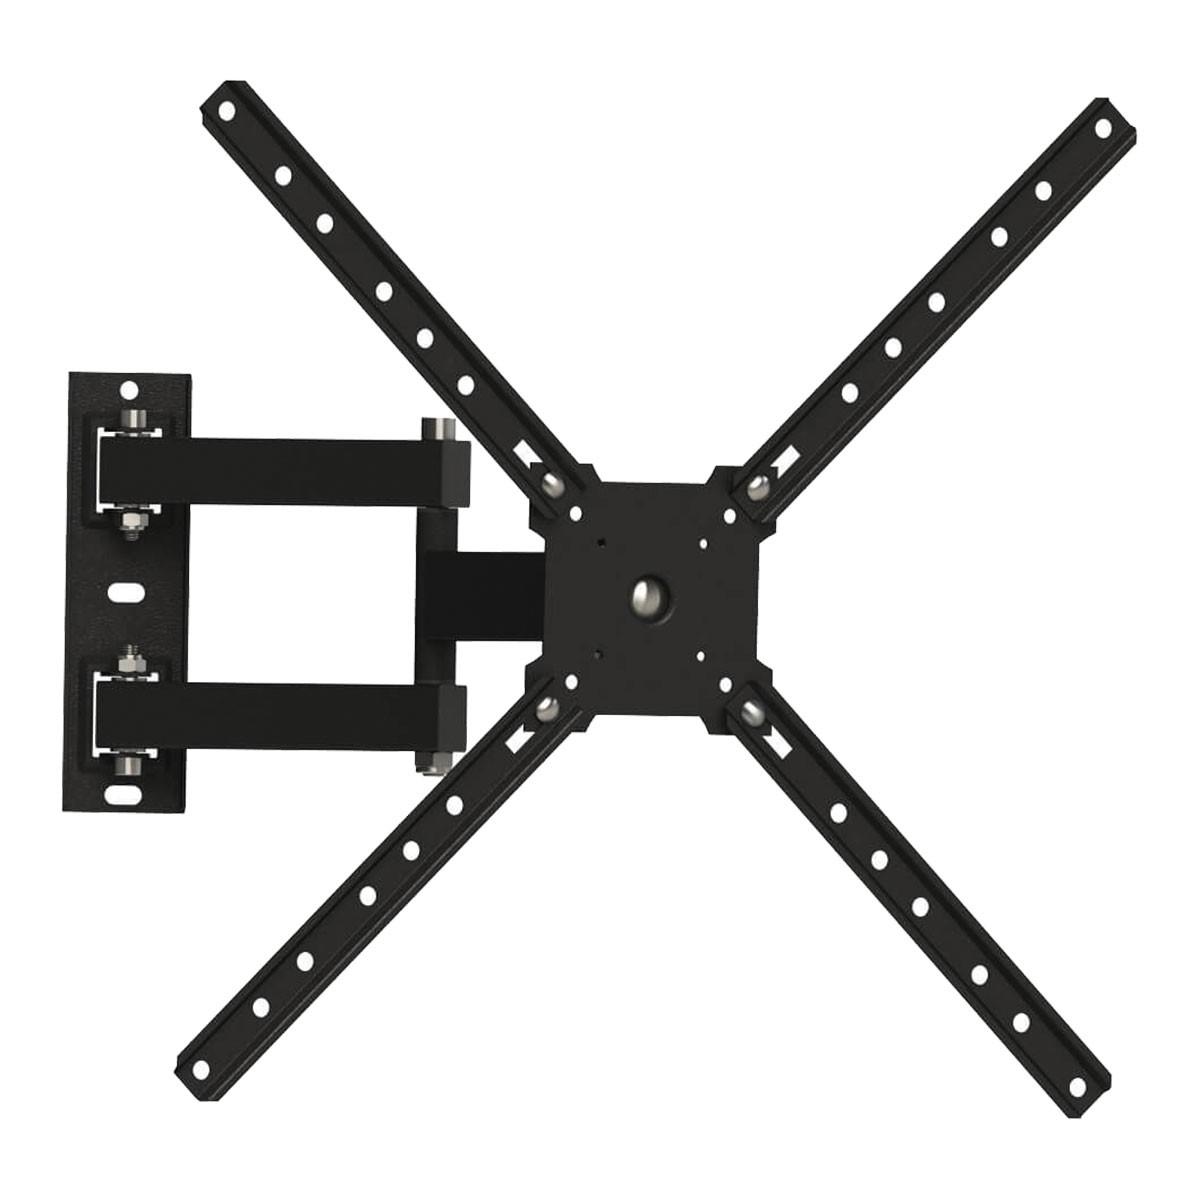 Suporte Articulado 5 Movimentos para TV LED, LCD, Plasma, 3D e SMART TV de 10 a 55